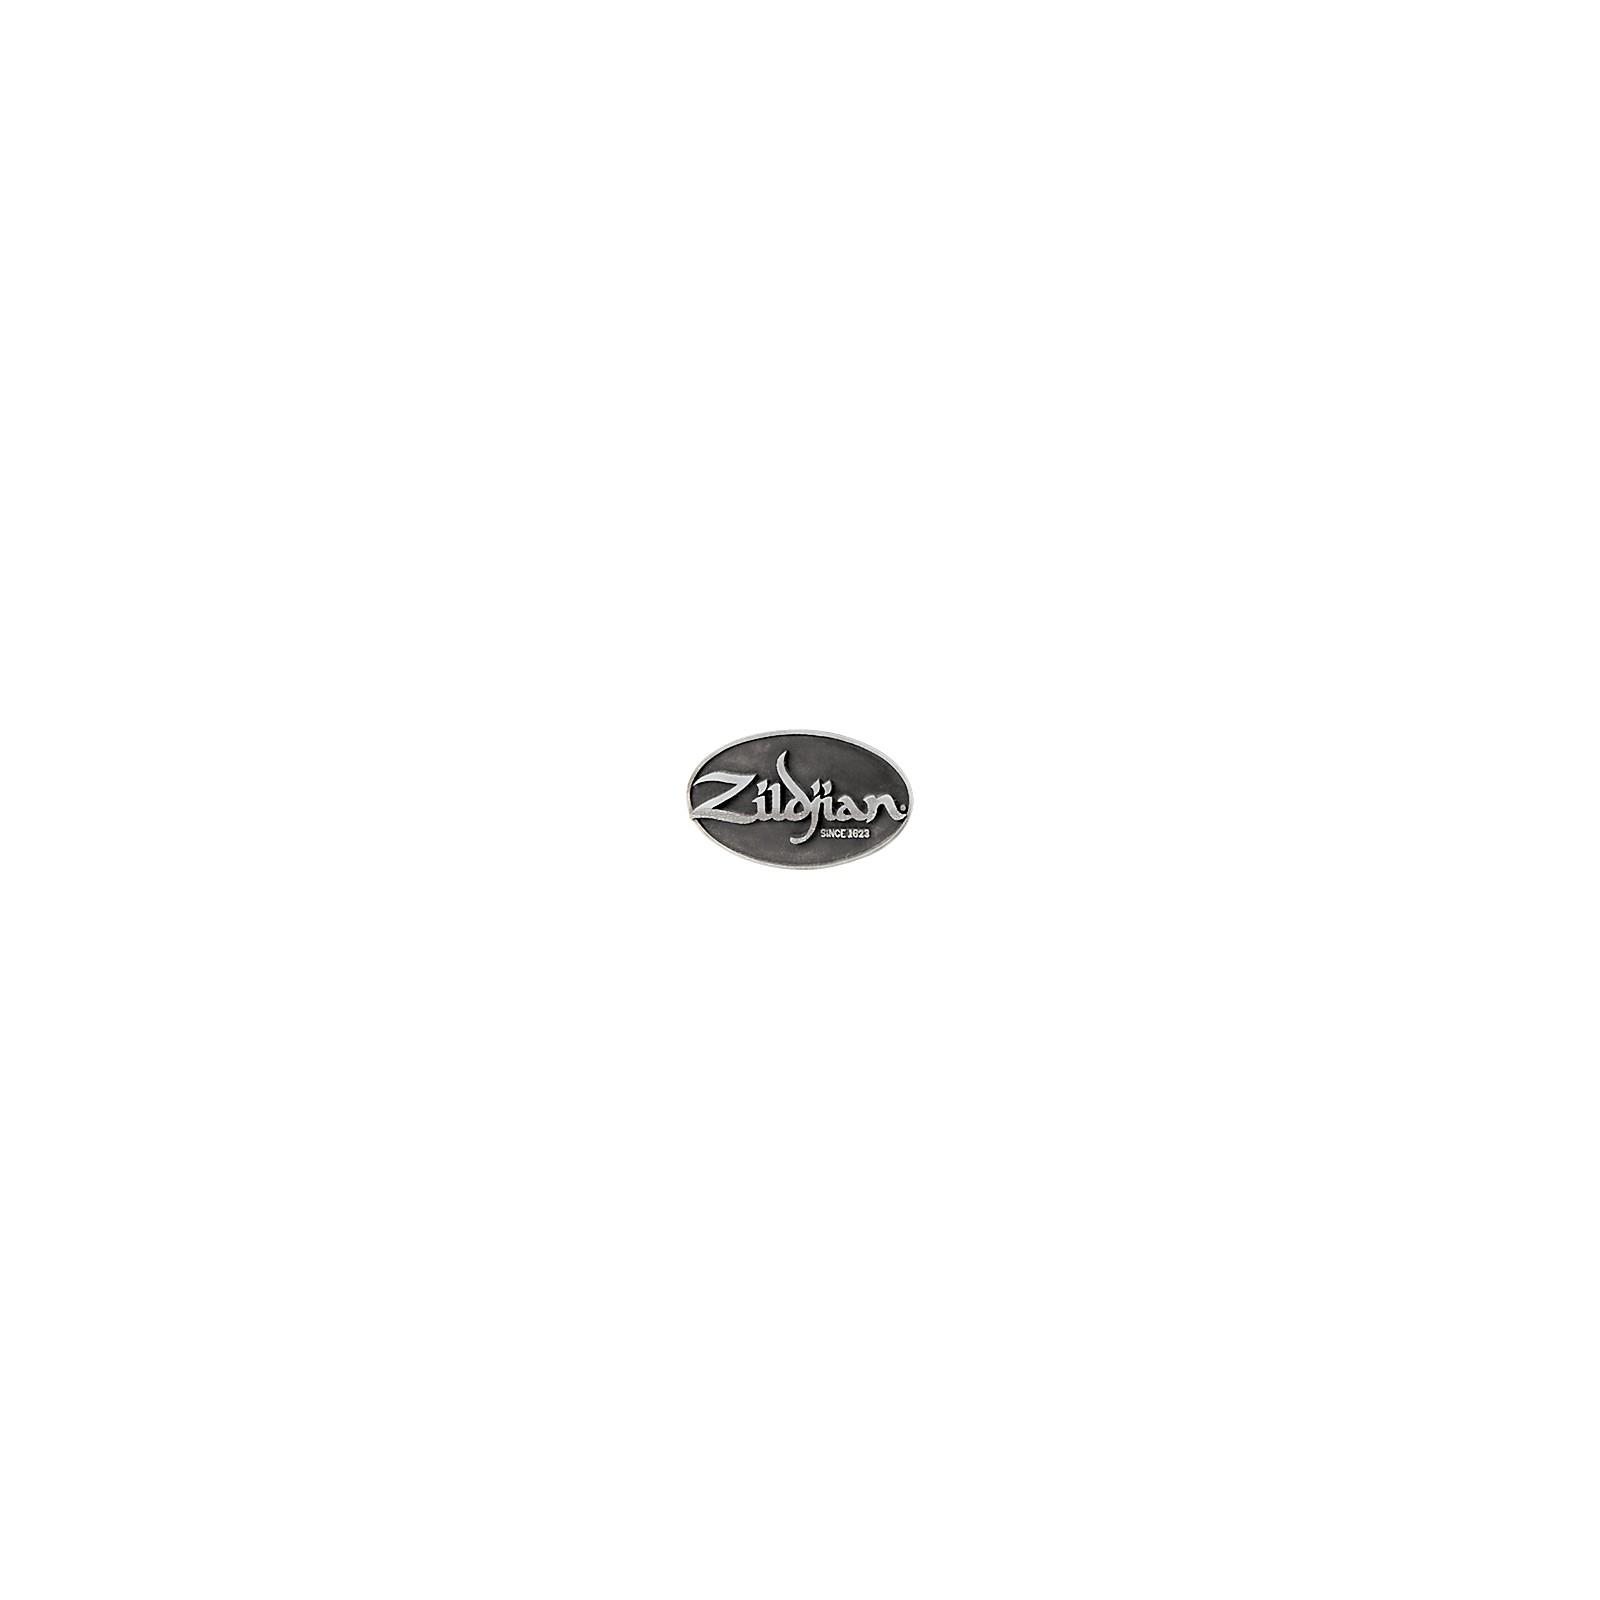 Zildjian Logo Belt Buckle